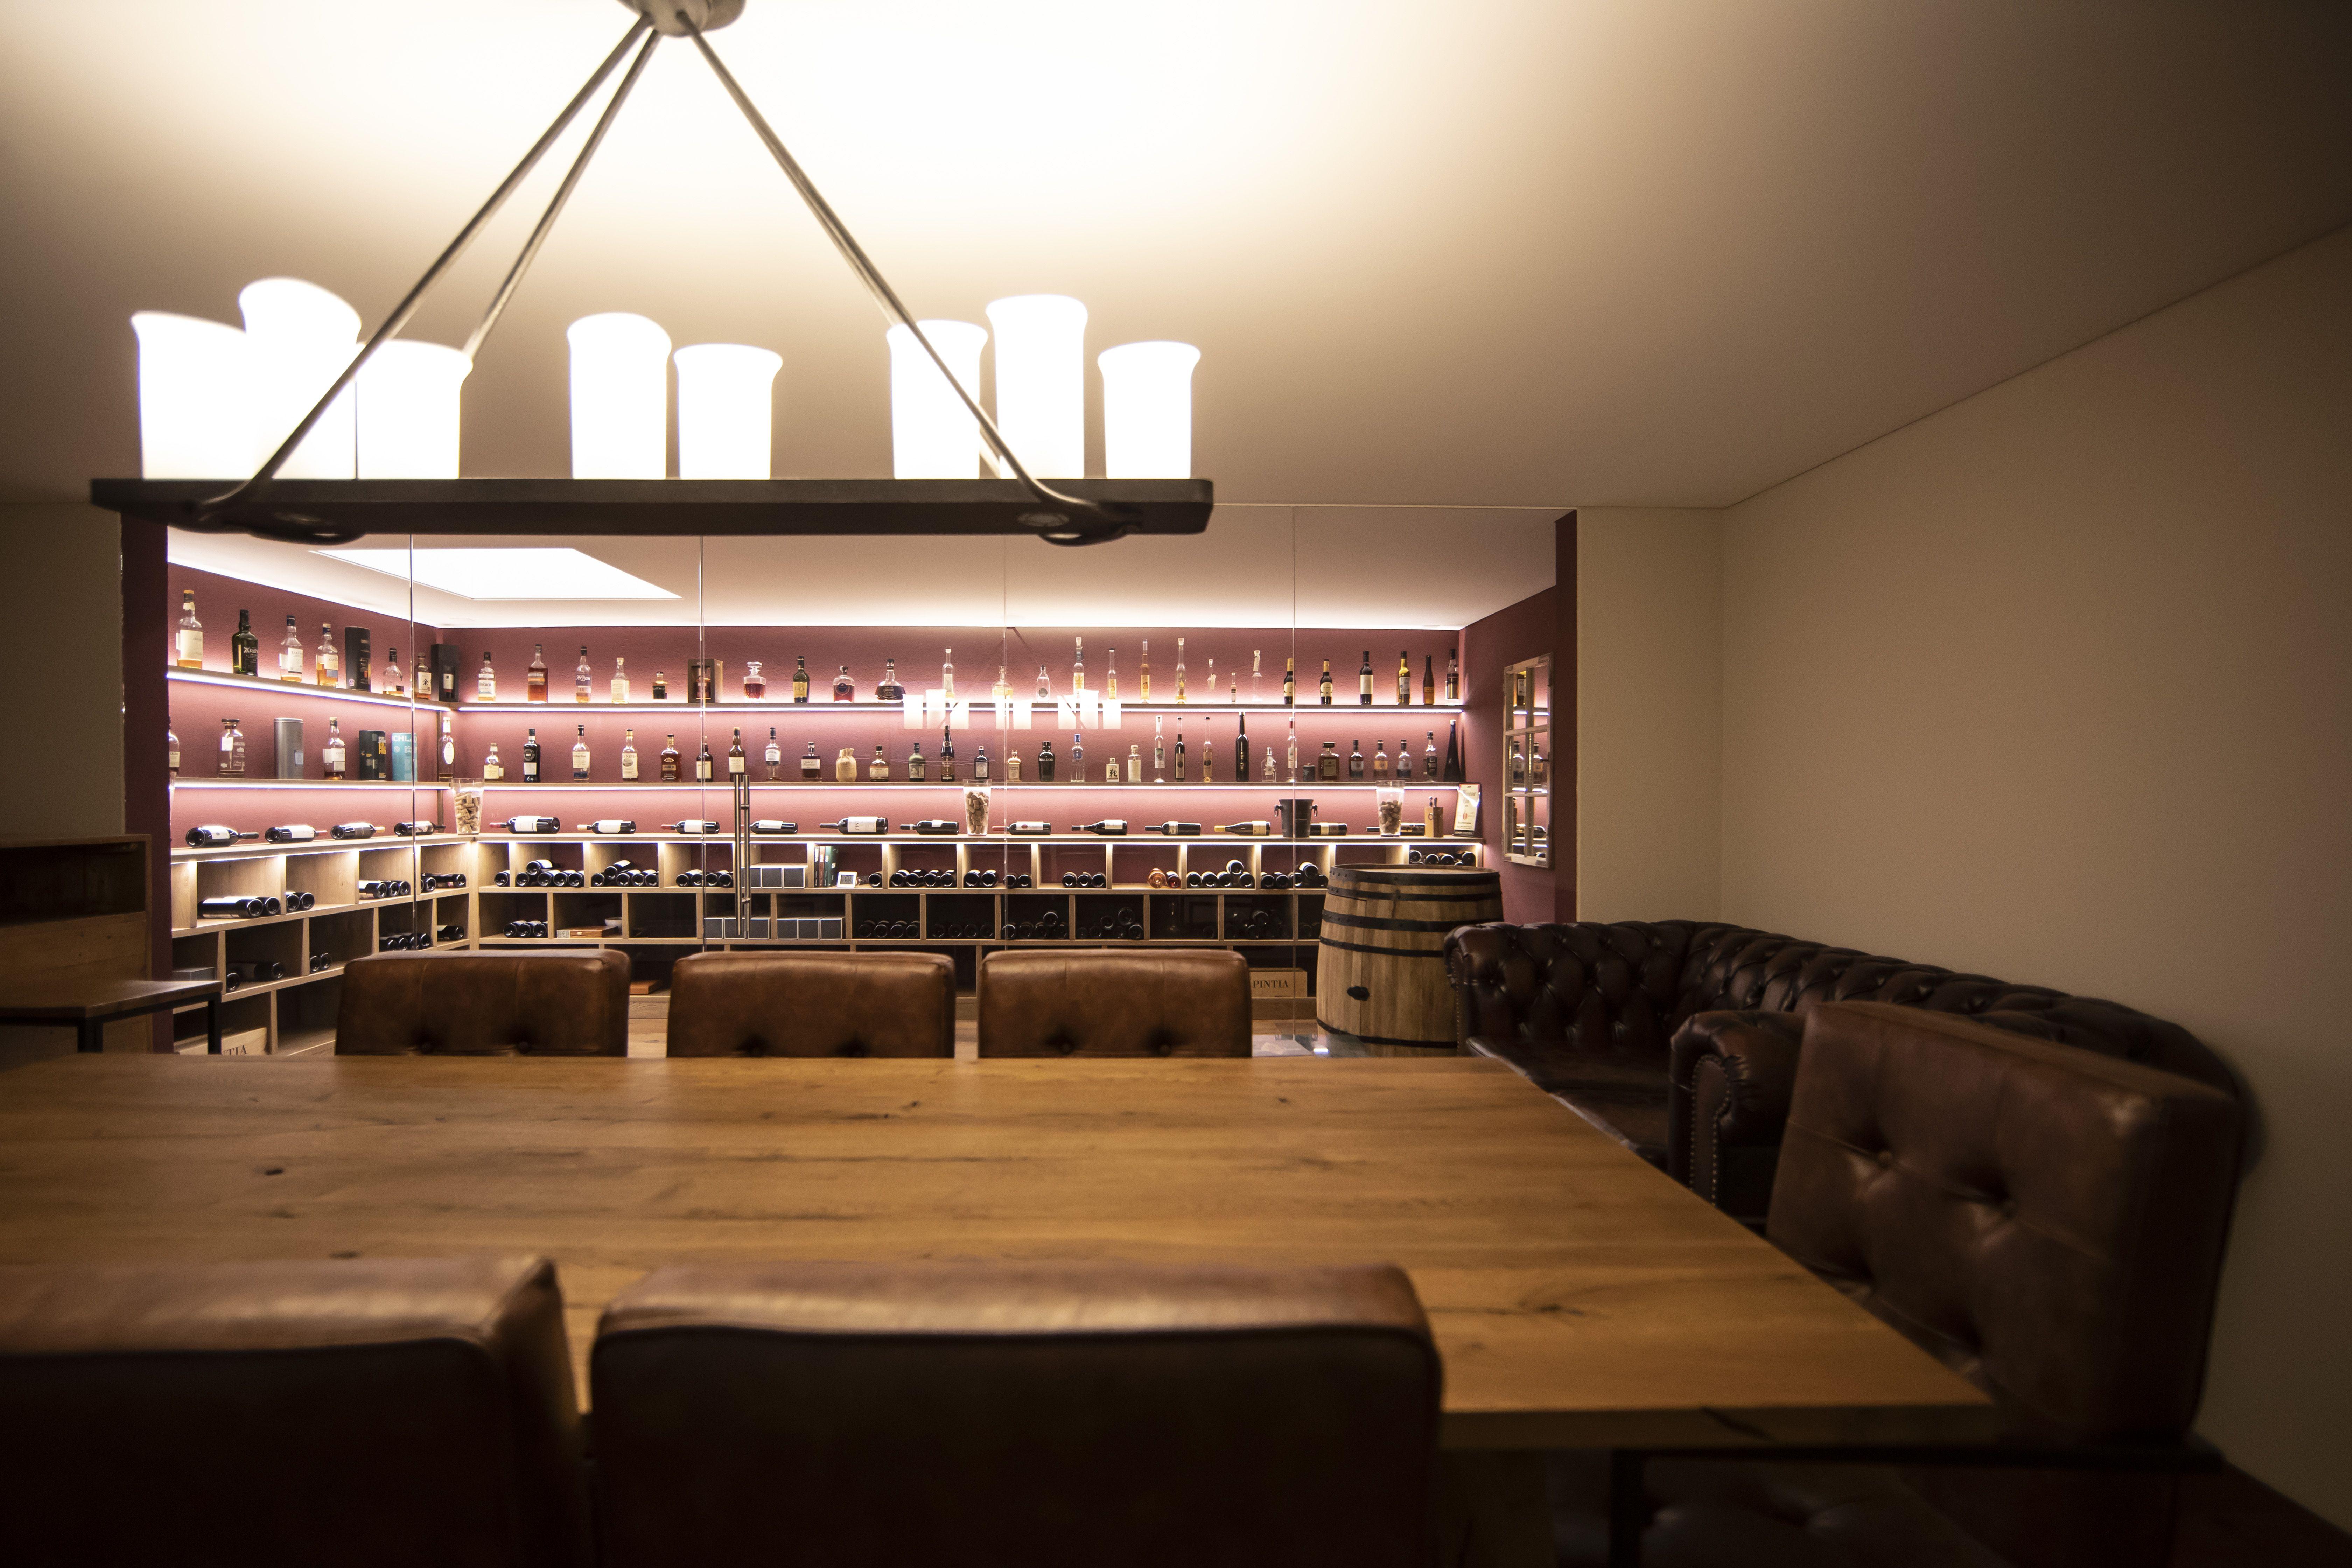 Robers Hangeleuchte Glass Front Vine Cave Weinkeller Modern Weinkeller Einrichtungsideen Hangeleuchte